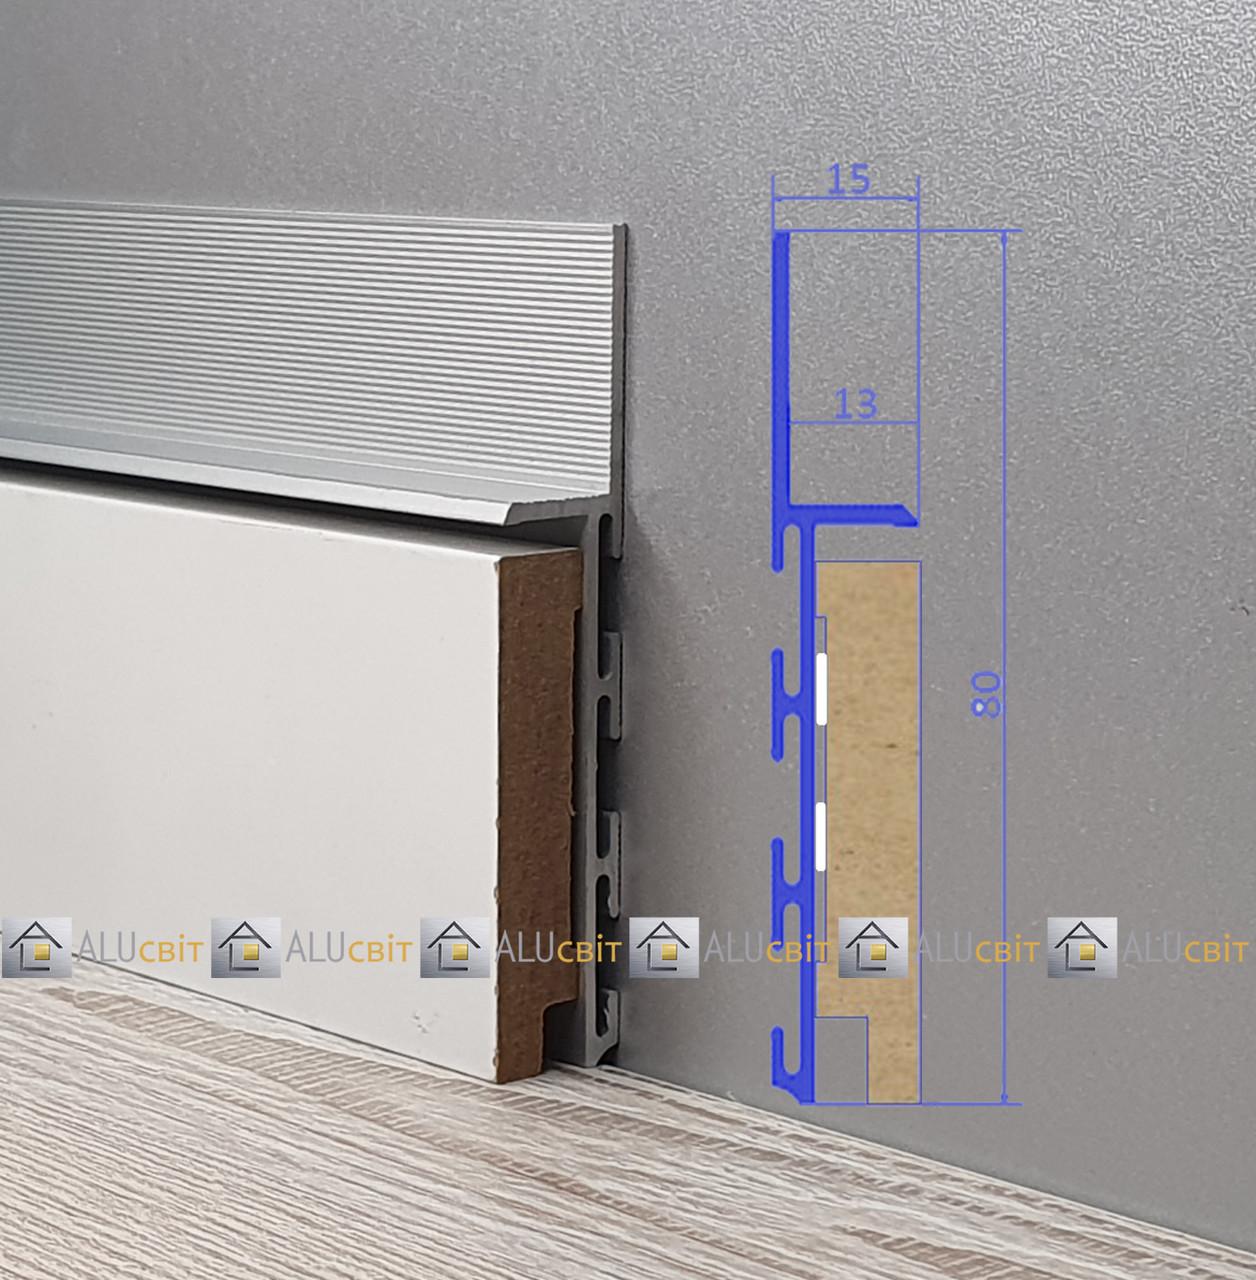 Плинтус  алюминиевый скрытого монтажа 80 мм с вставкой МДФ 50мм (теневой шов)